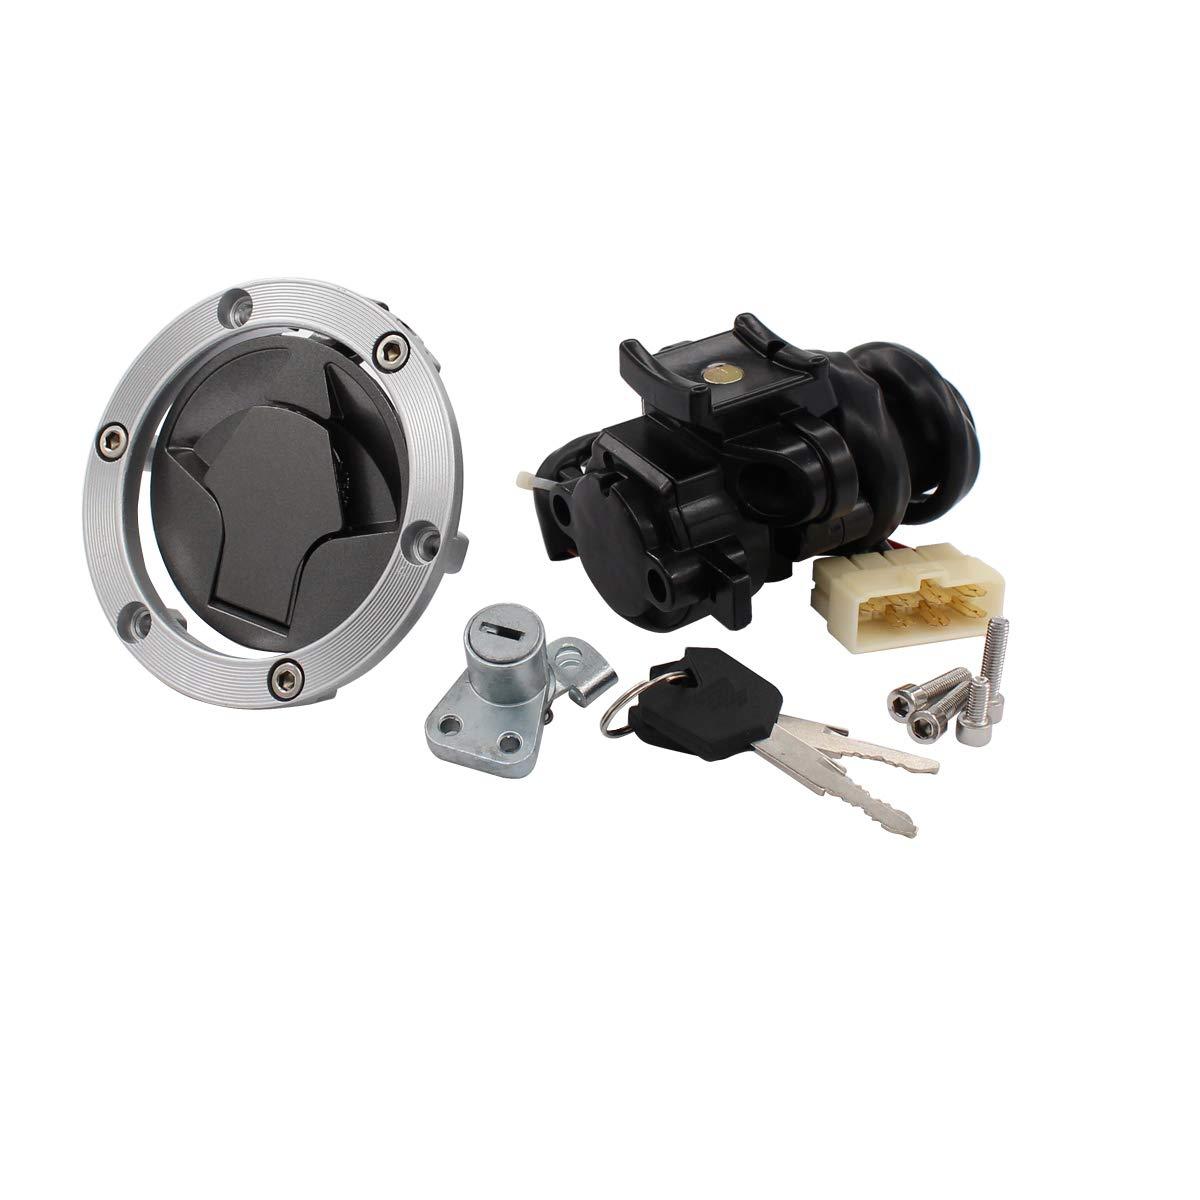 NewYall Ignition Switch Lock & Fuel Gas Cap & Steering Lock & 4 Screws & 2 Keys Set by NewYall